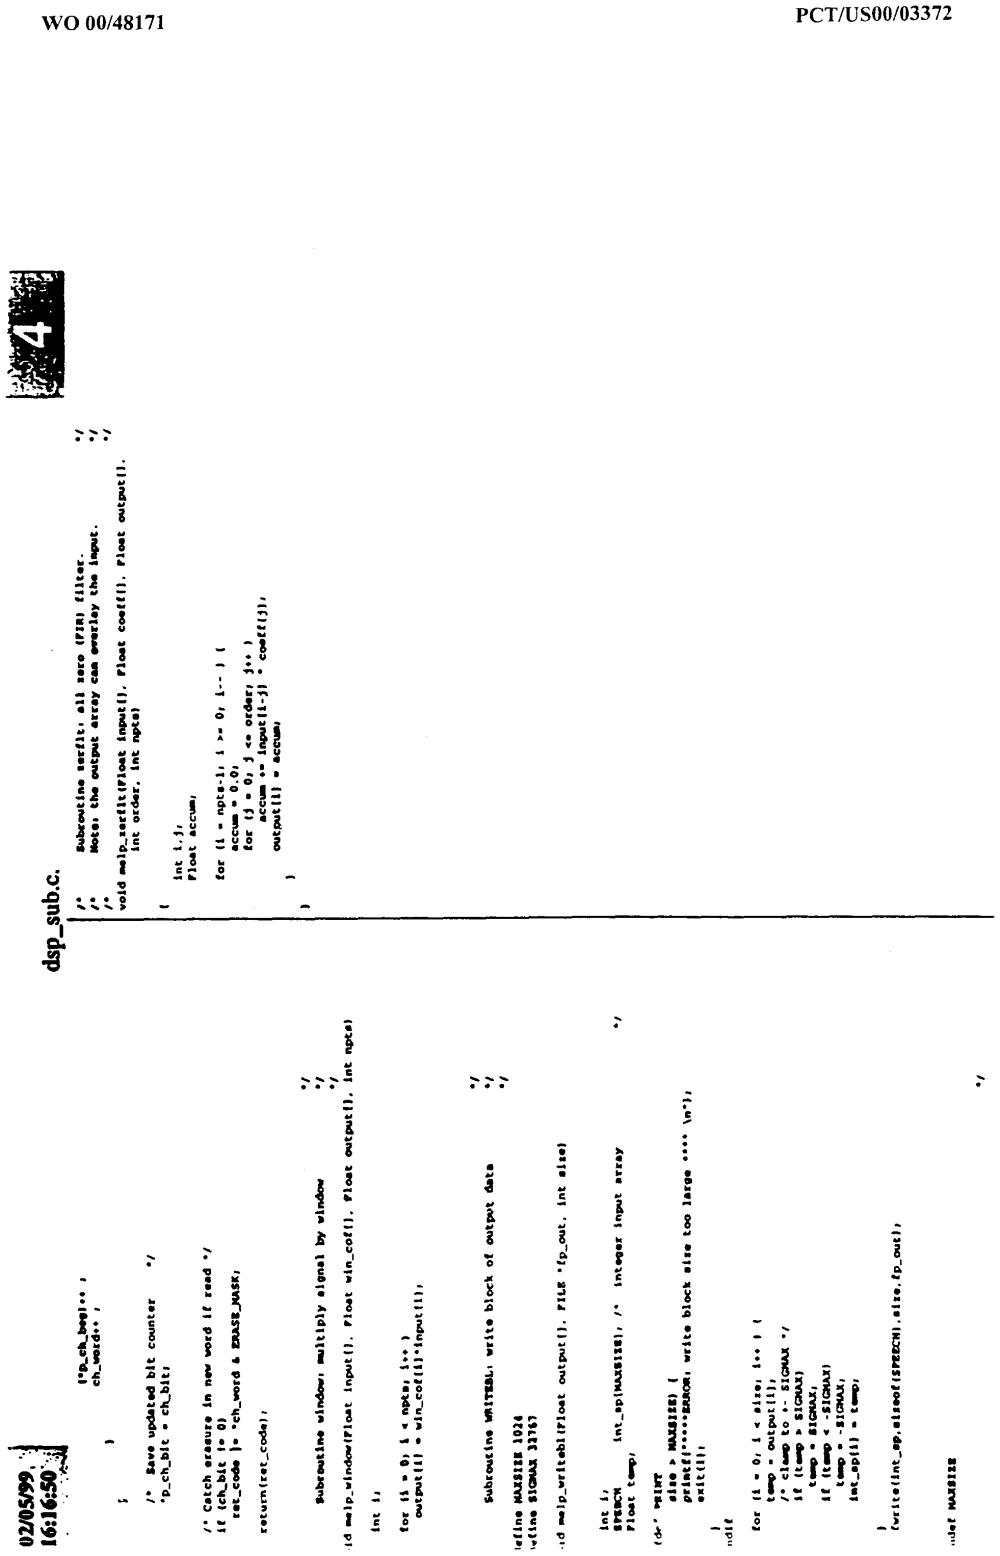 medium resolution of figure imgf000028 0001